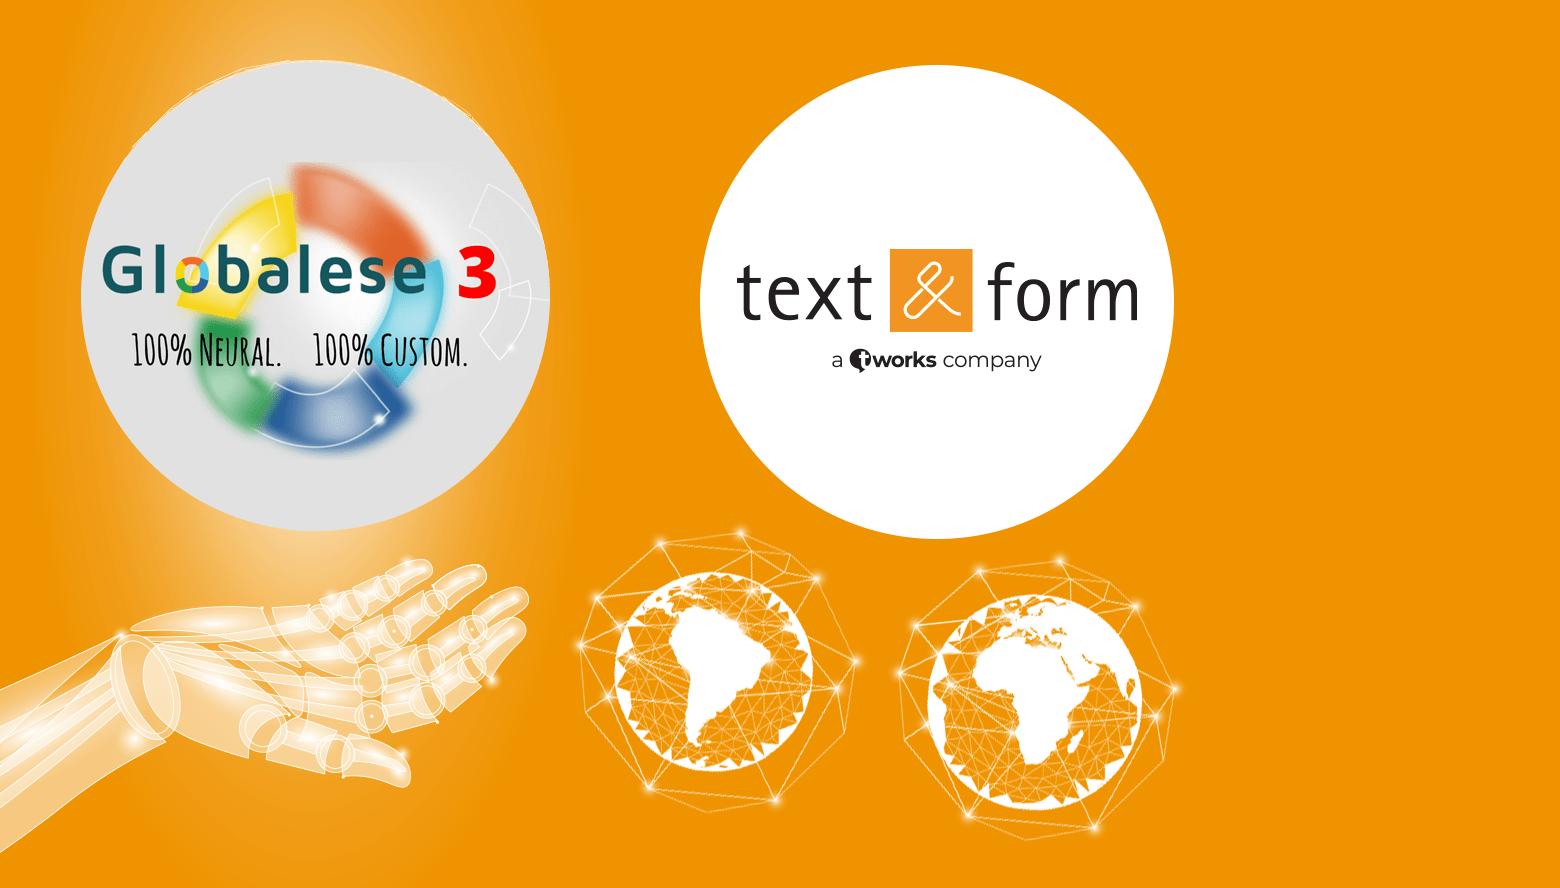 GlobaleseMT ist unser Partner in Sachen neuronale maschinelle Übersetzung